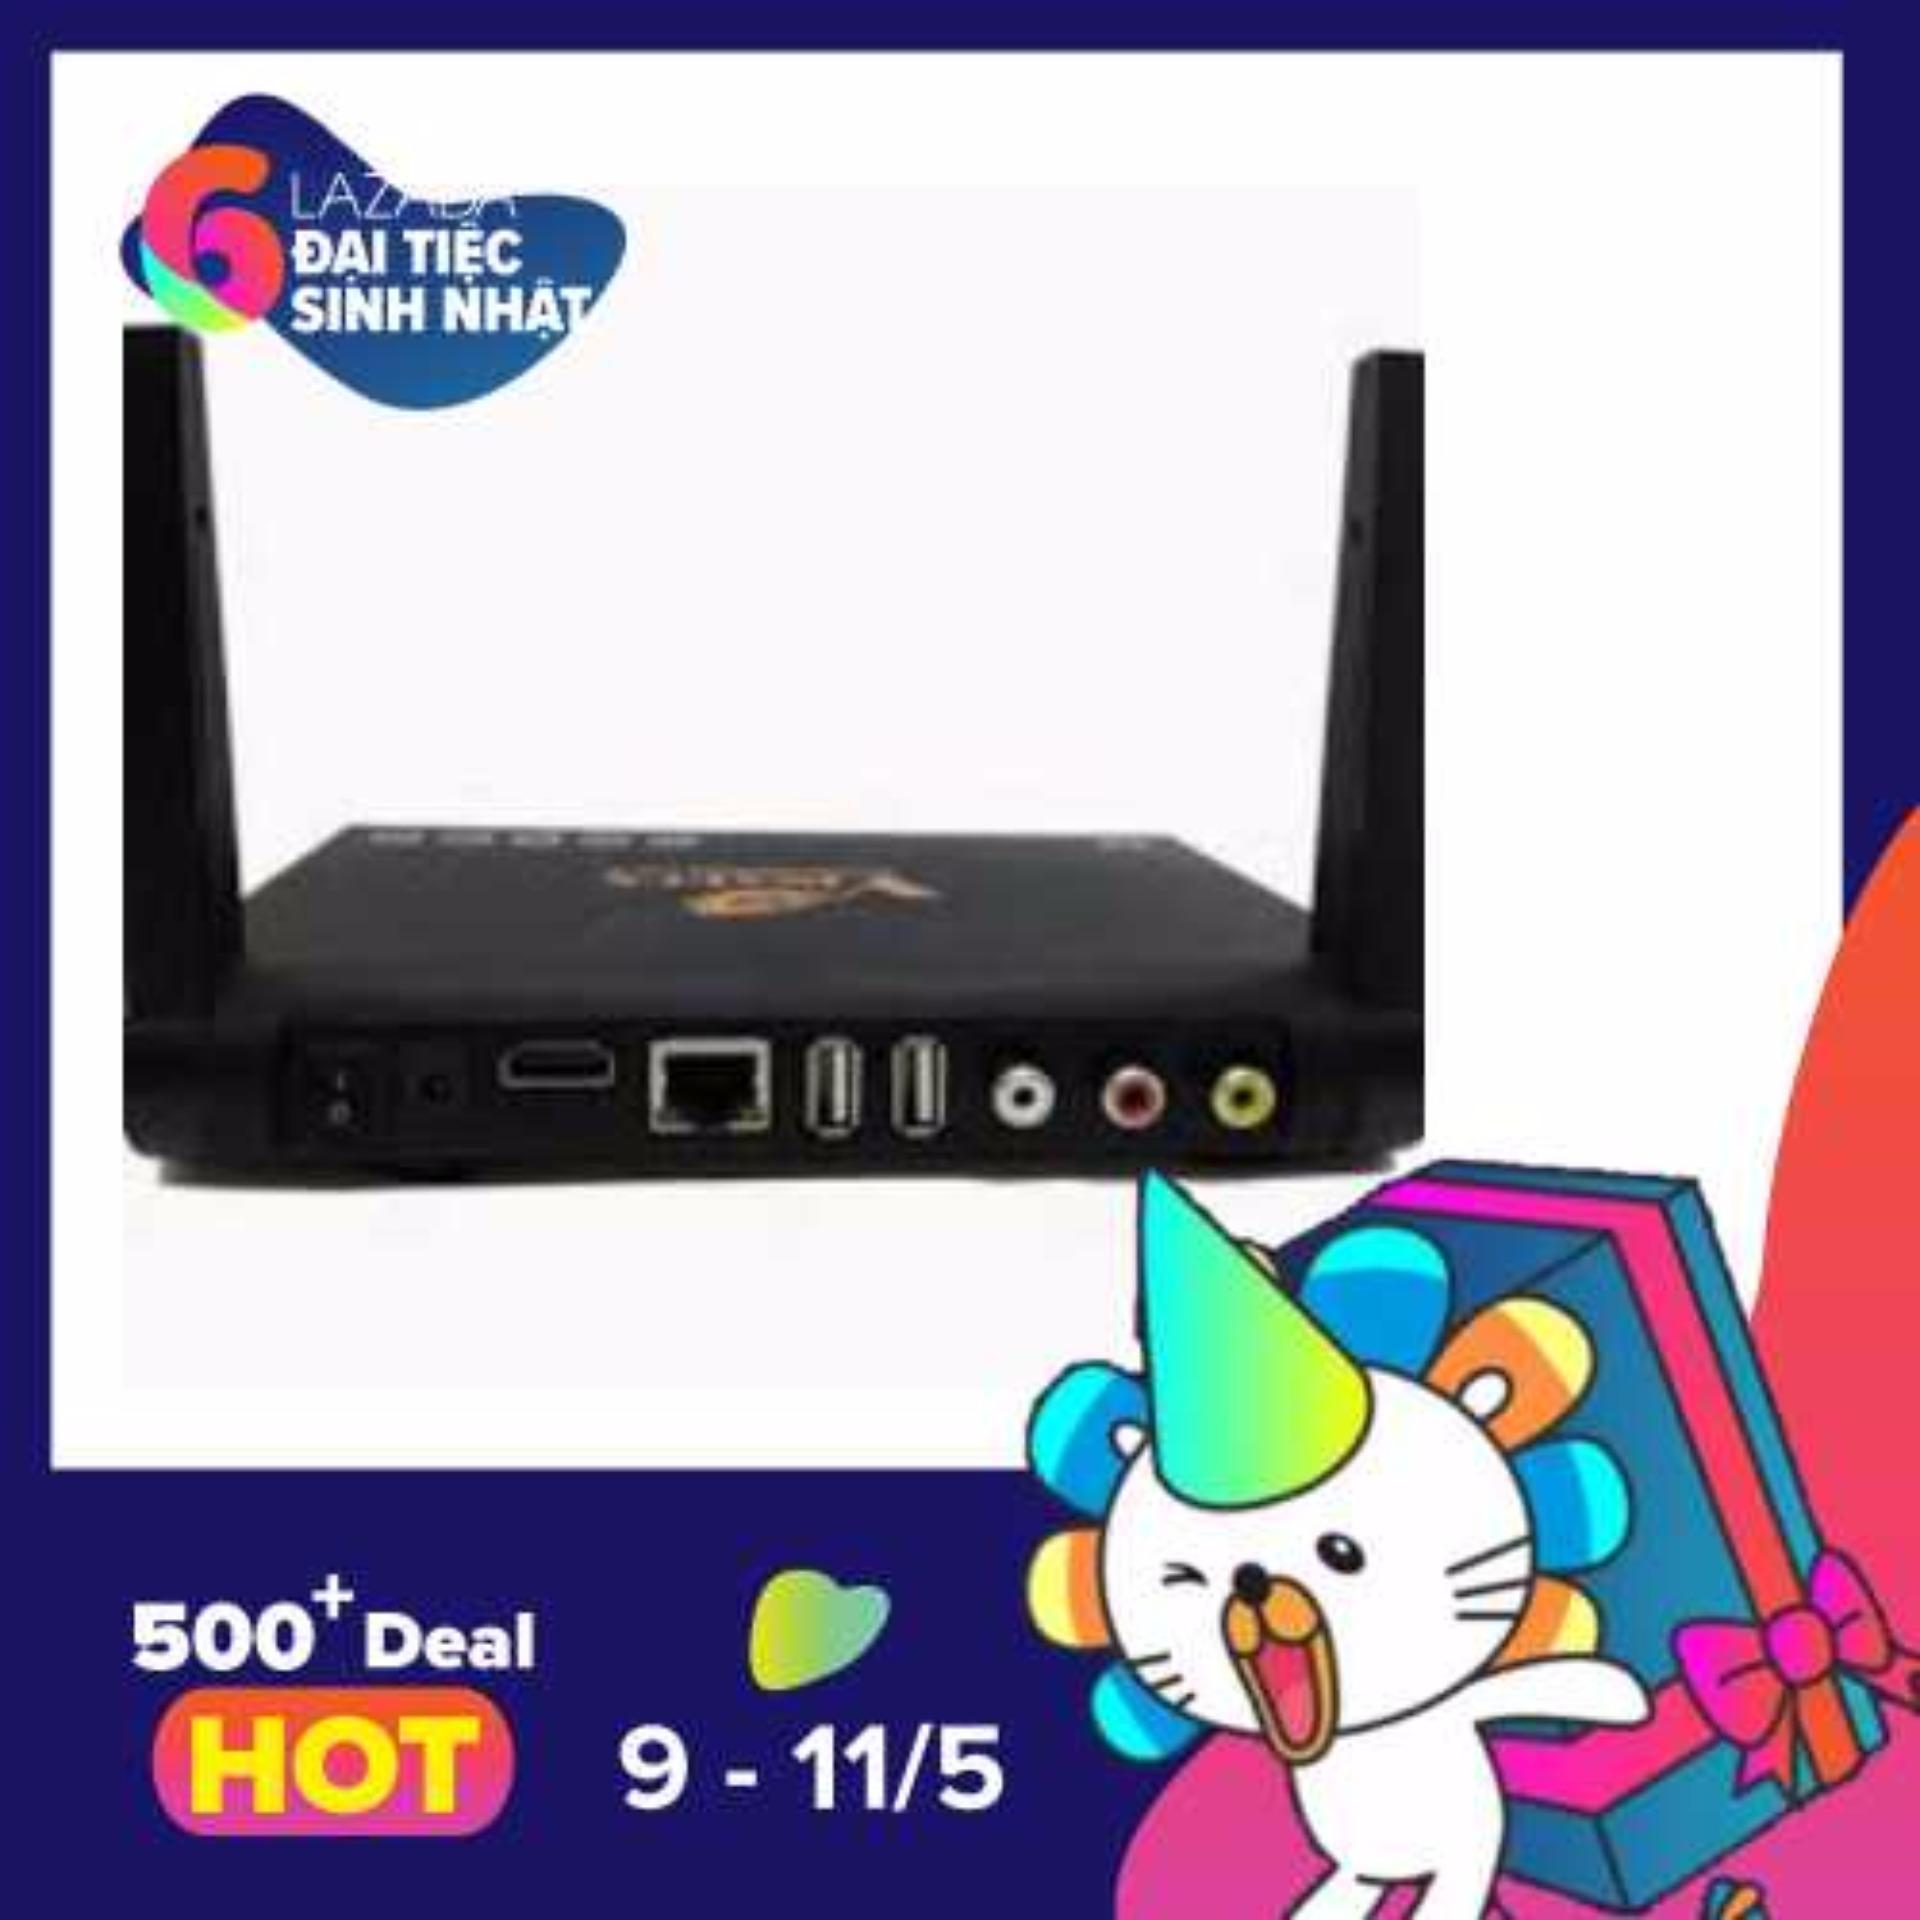 Bán Android Tv Box Vinabox X9 Ram 2G Androi 6 Kem Chuột Khong Day Trị Gia 180K Trực Tuyến Hà Nội